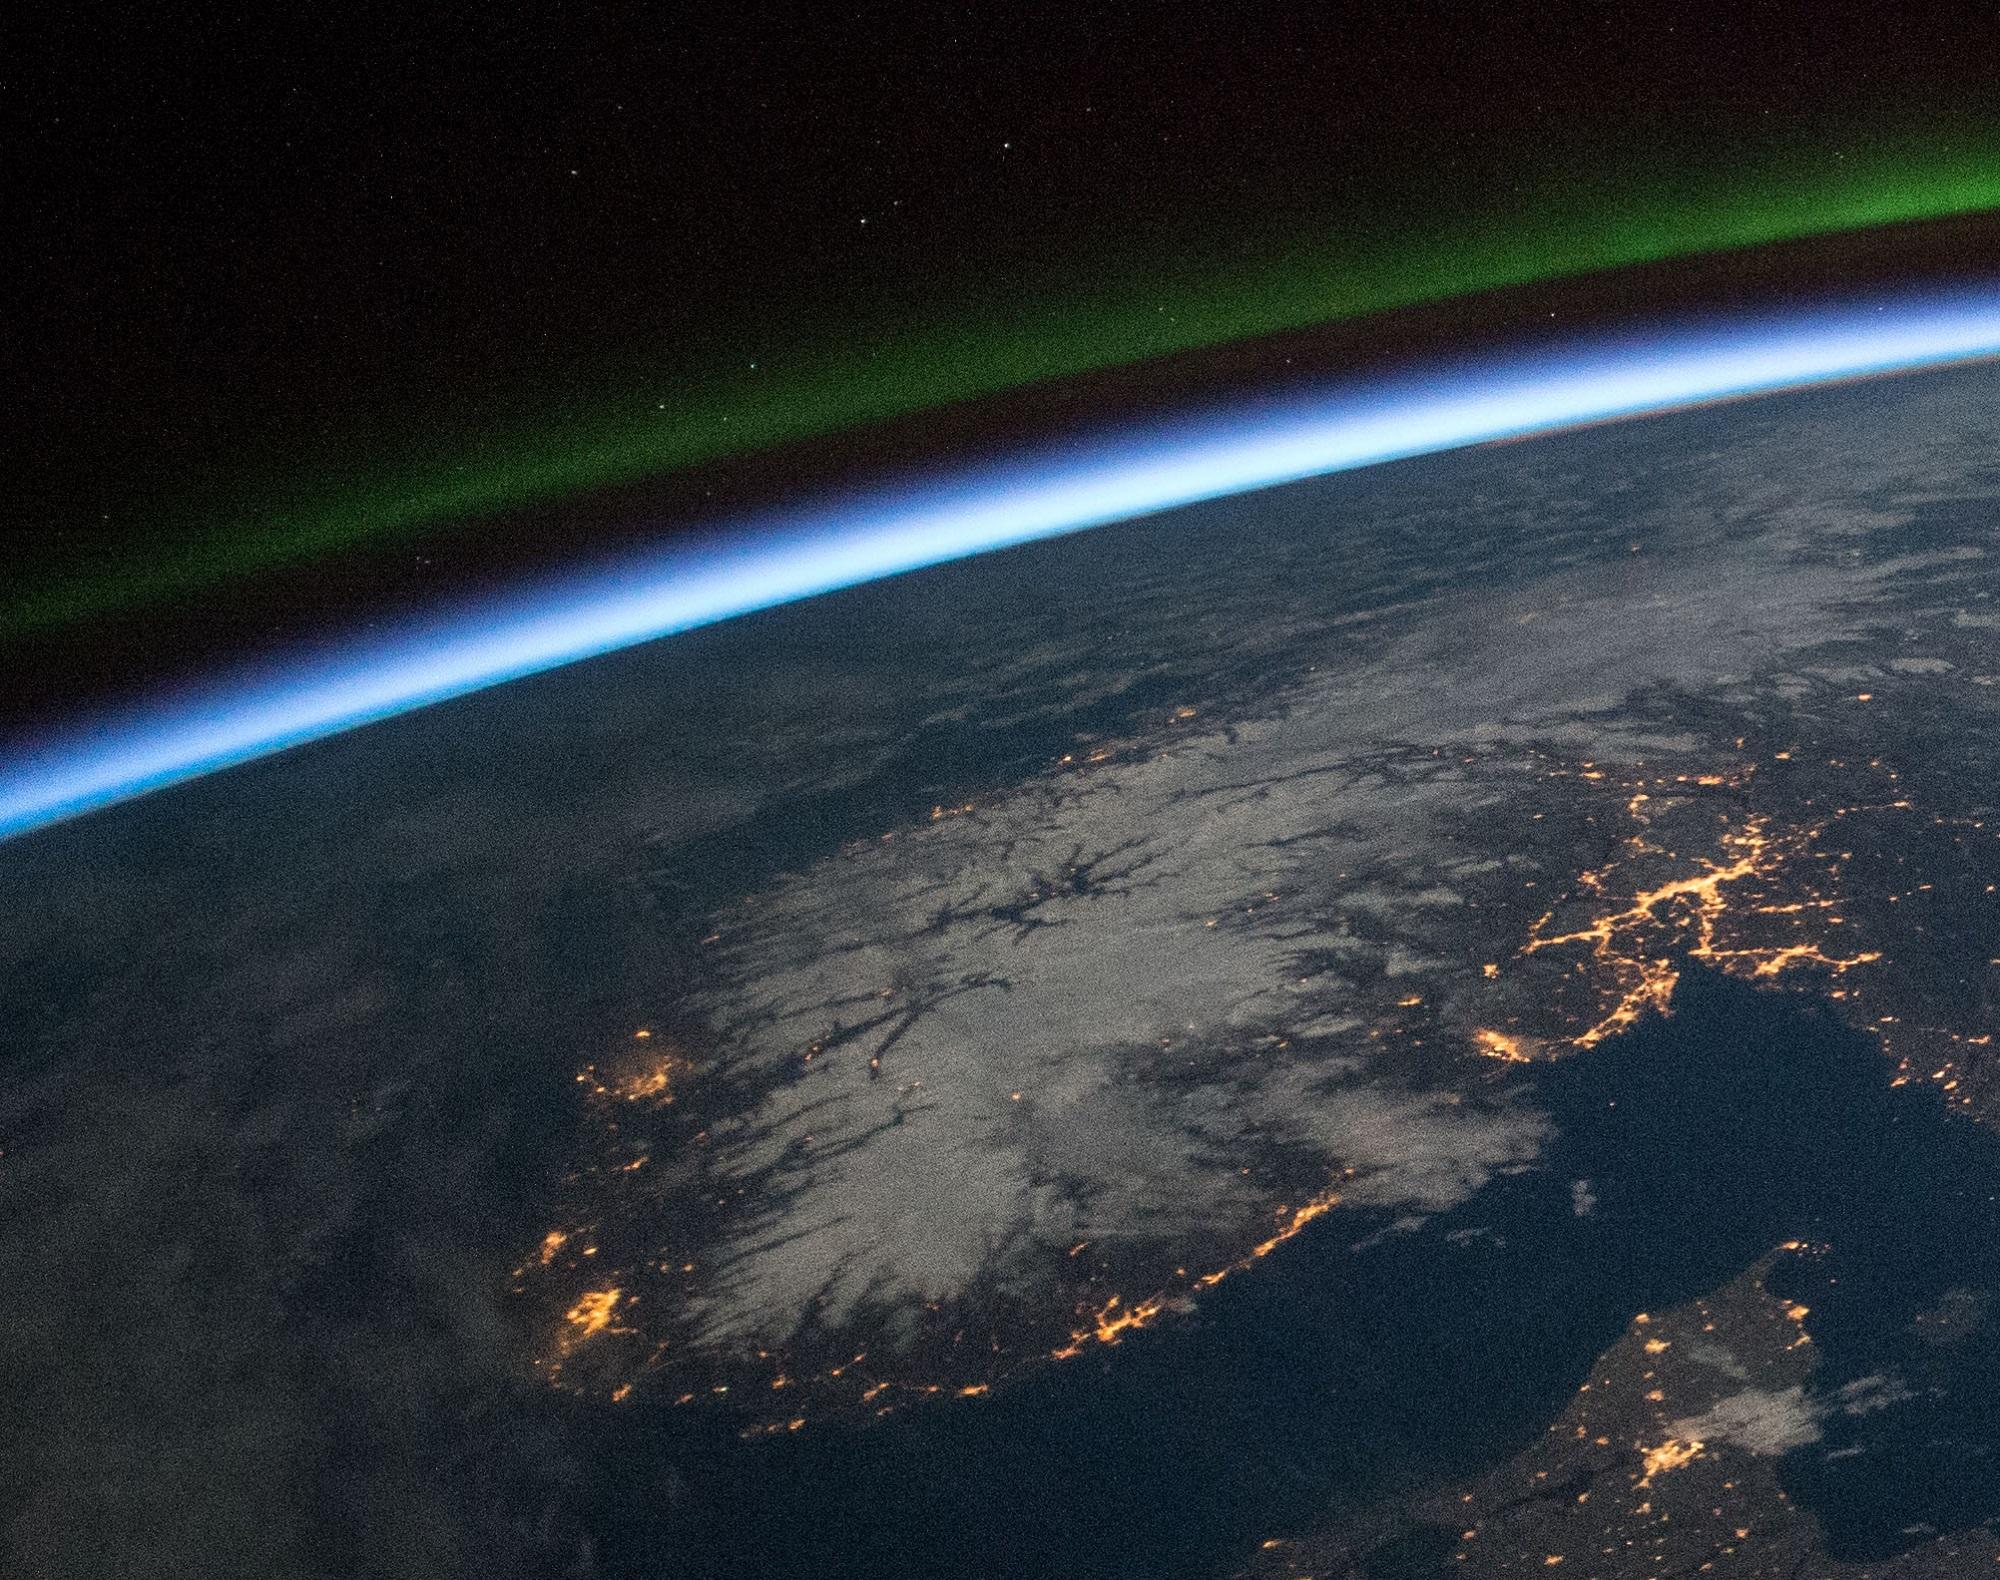 Norge sett fra rommet om natten. Foto: NASA/ESA